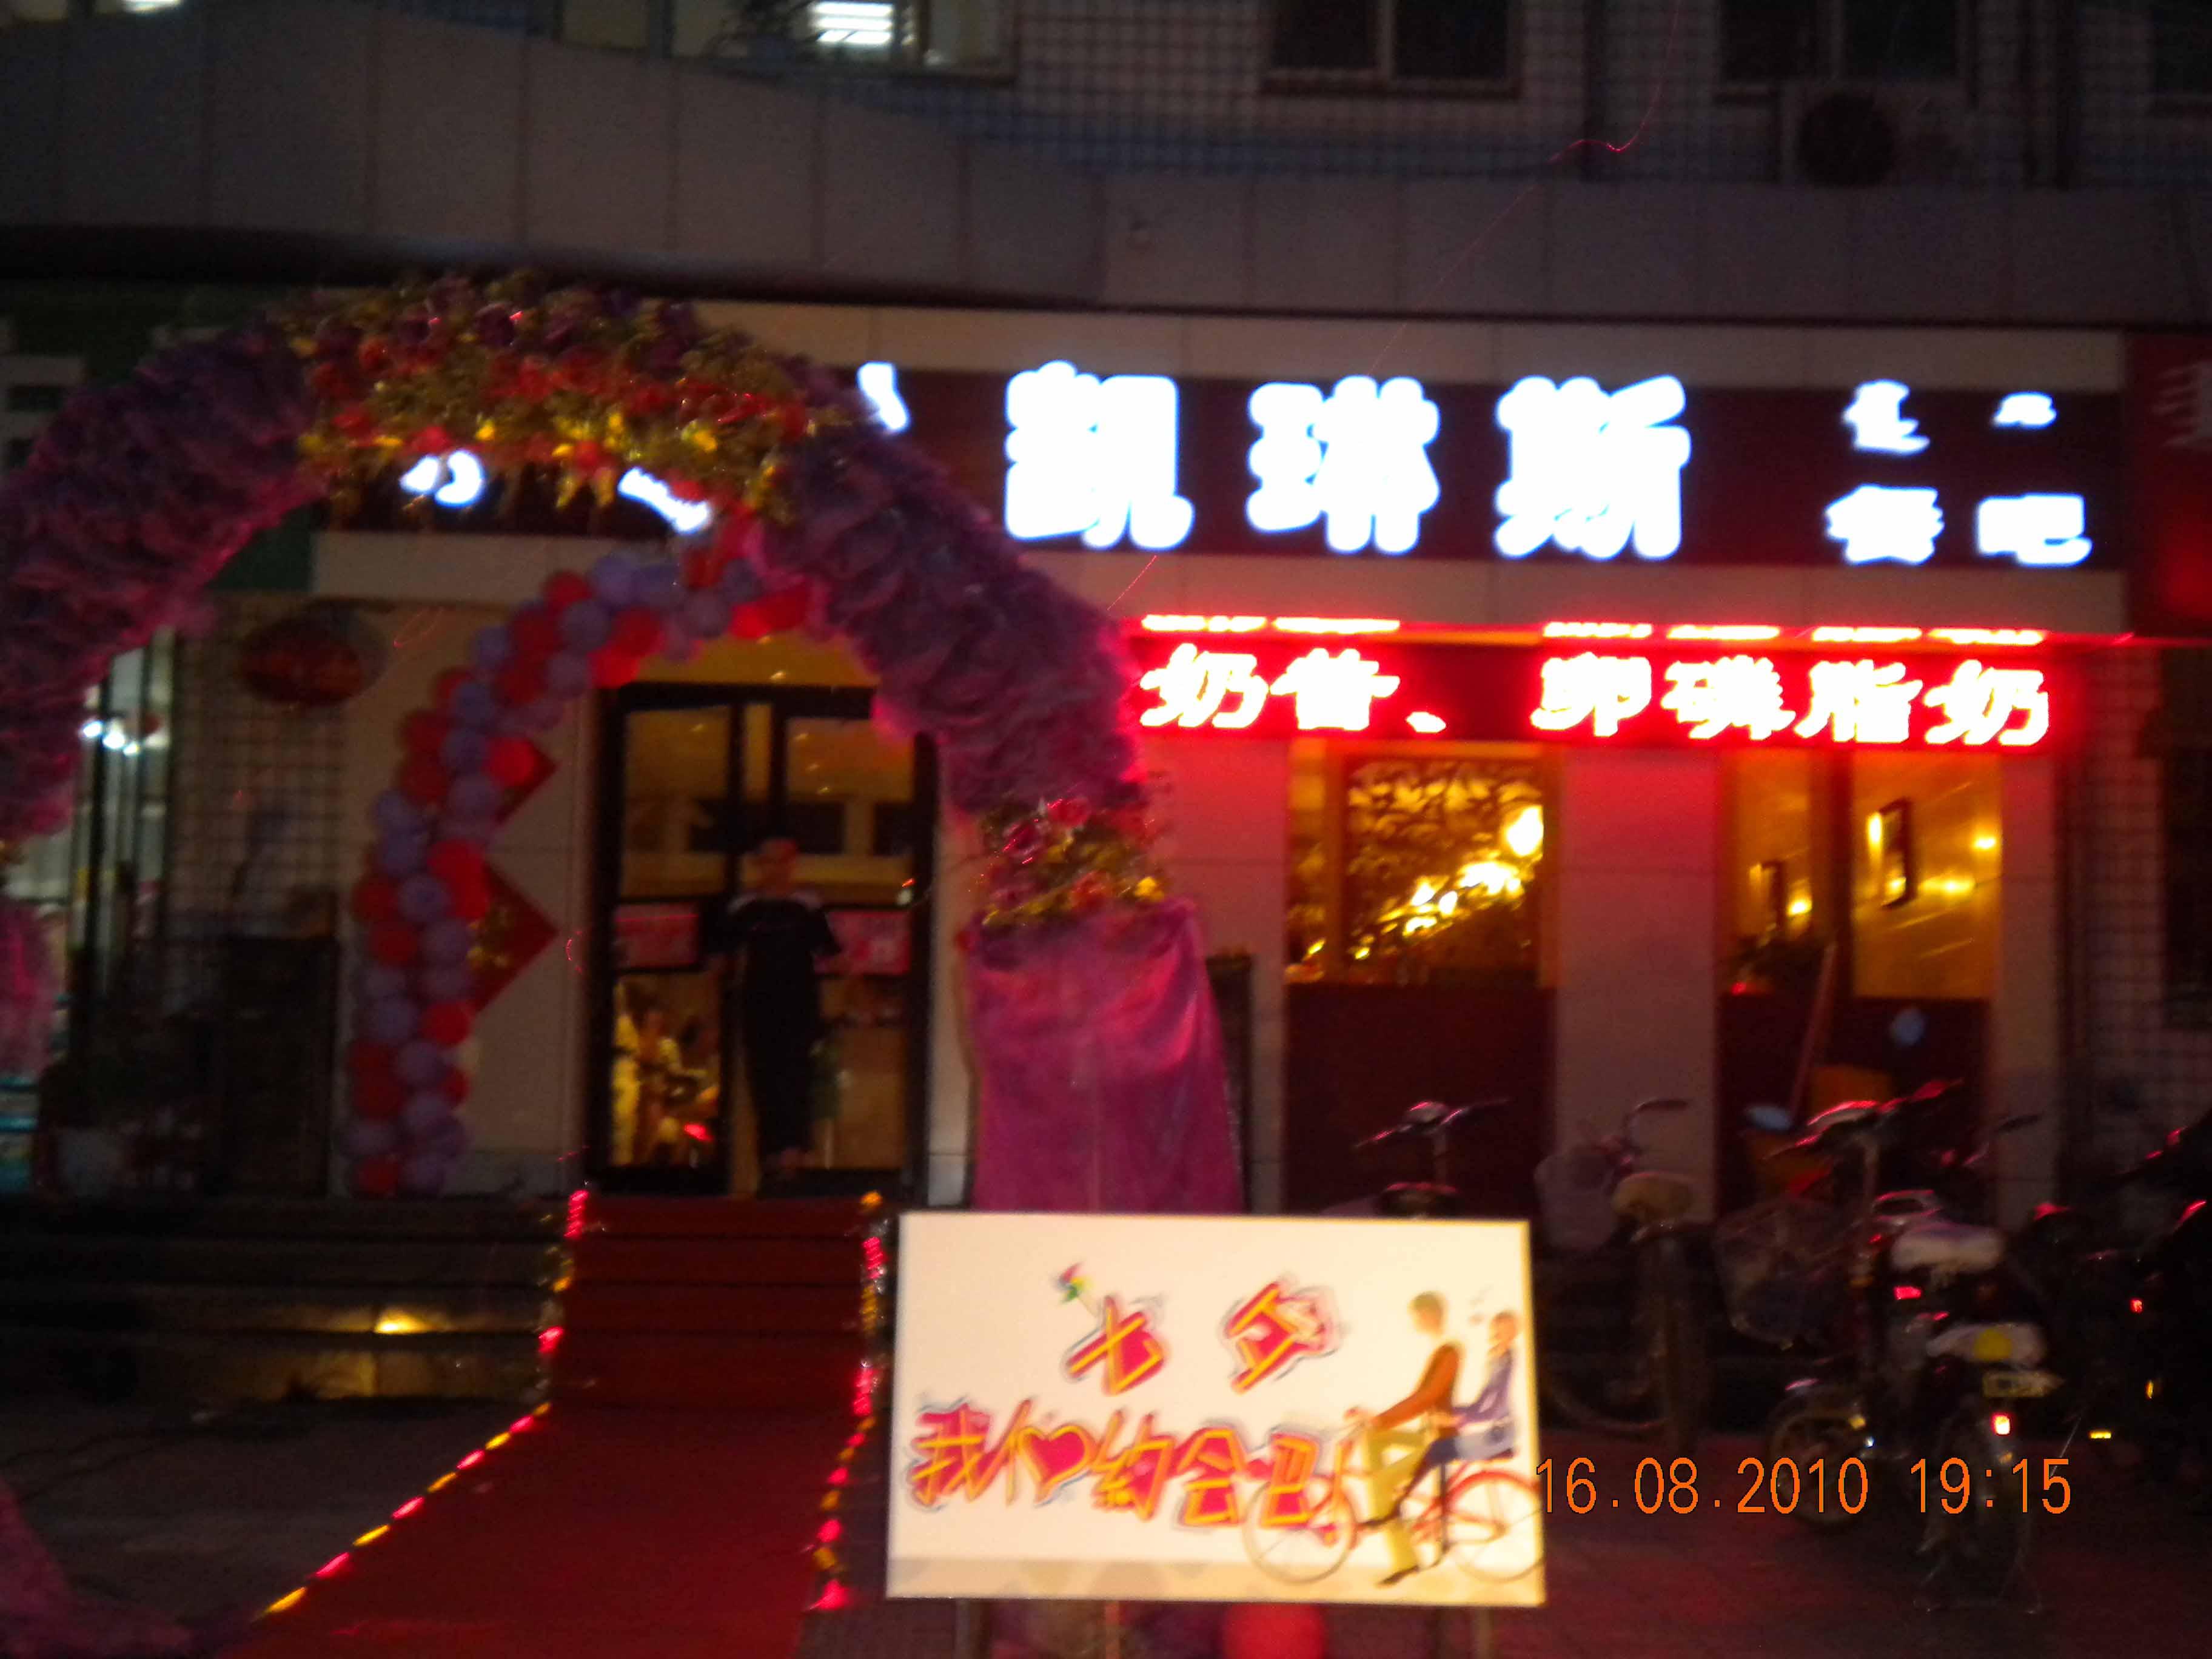 2010年8月16日策划凯琳斯七夕情人节主题活动